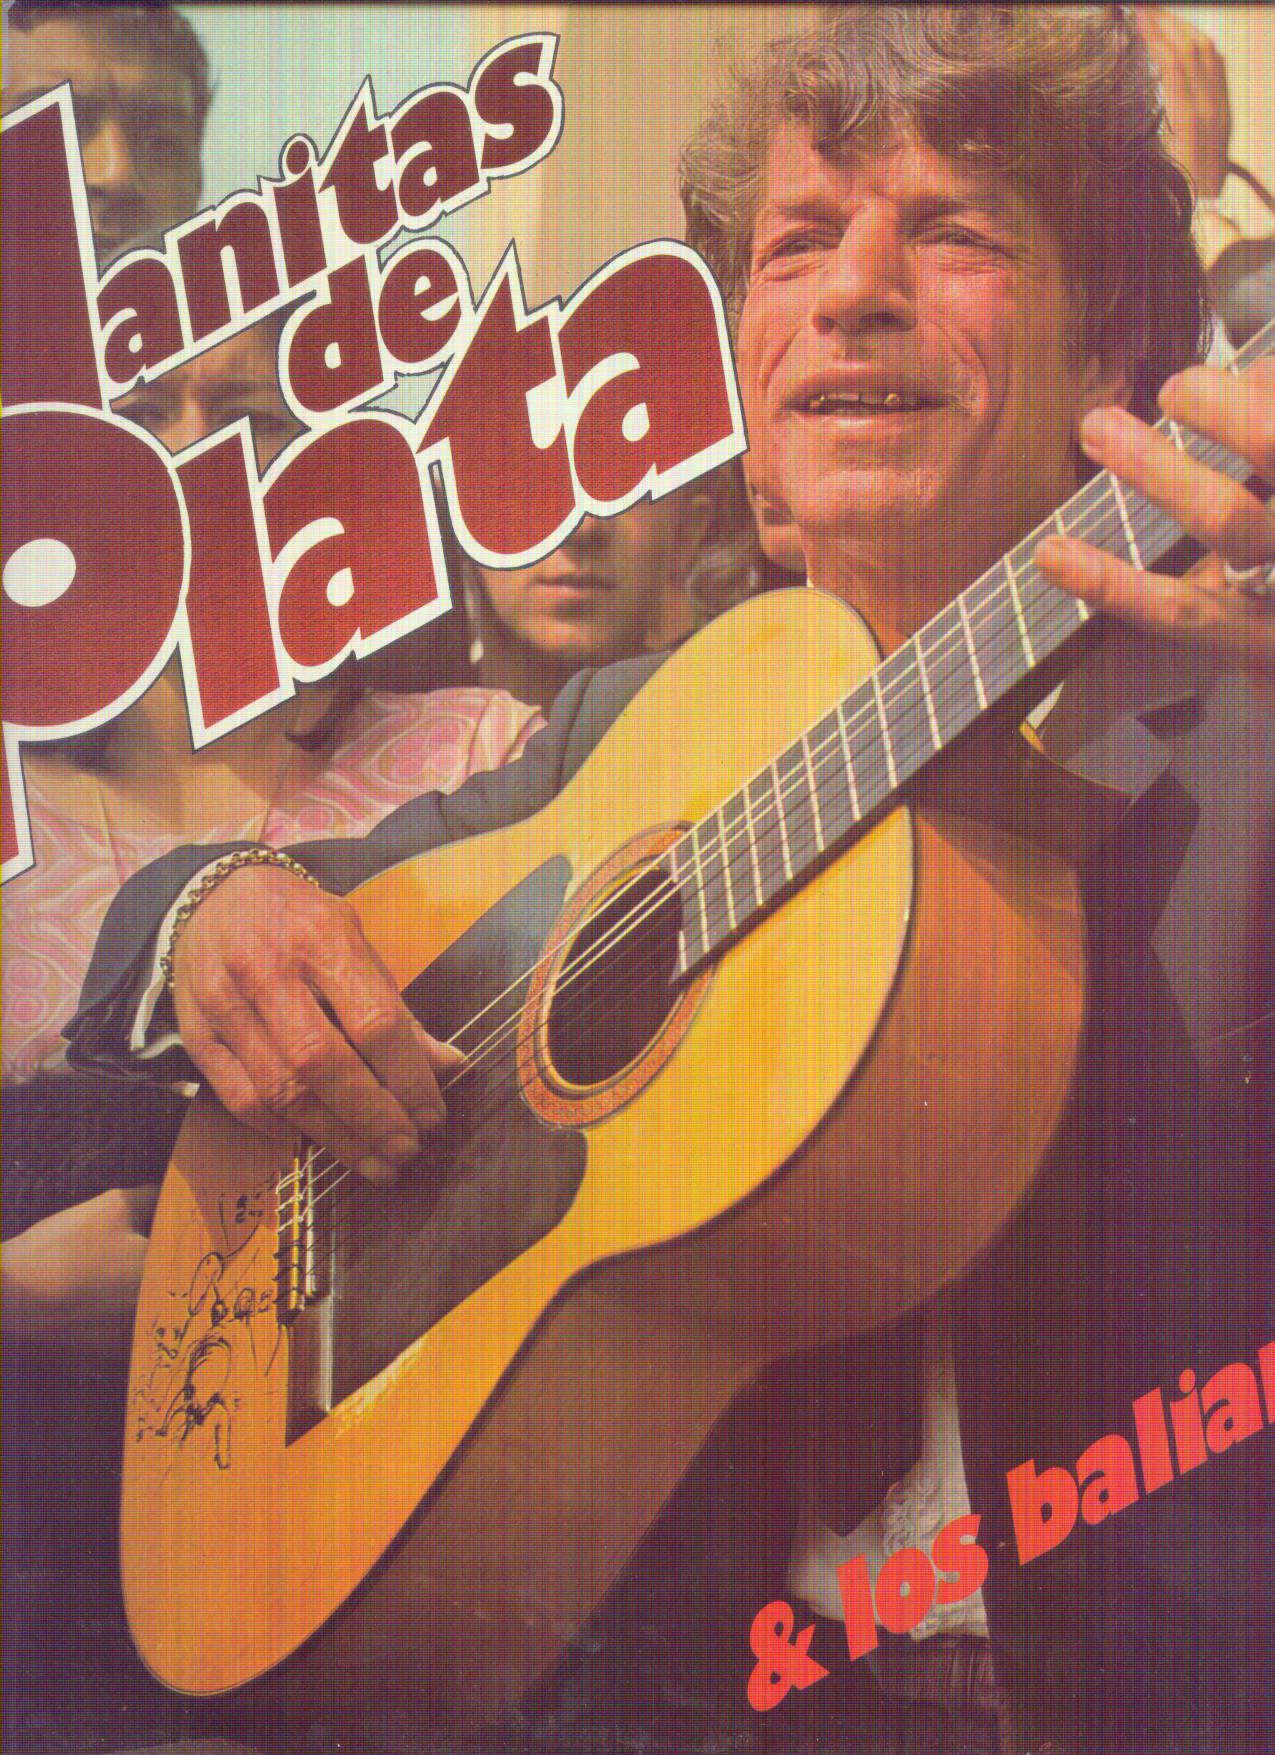 MANITAS DE PLATA MANITAS DE PLATA & LOS BALIARDOS